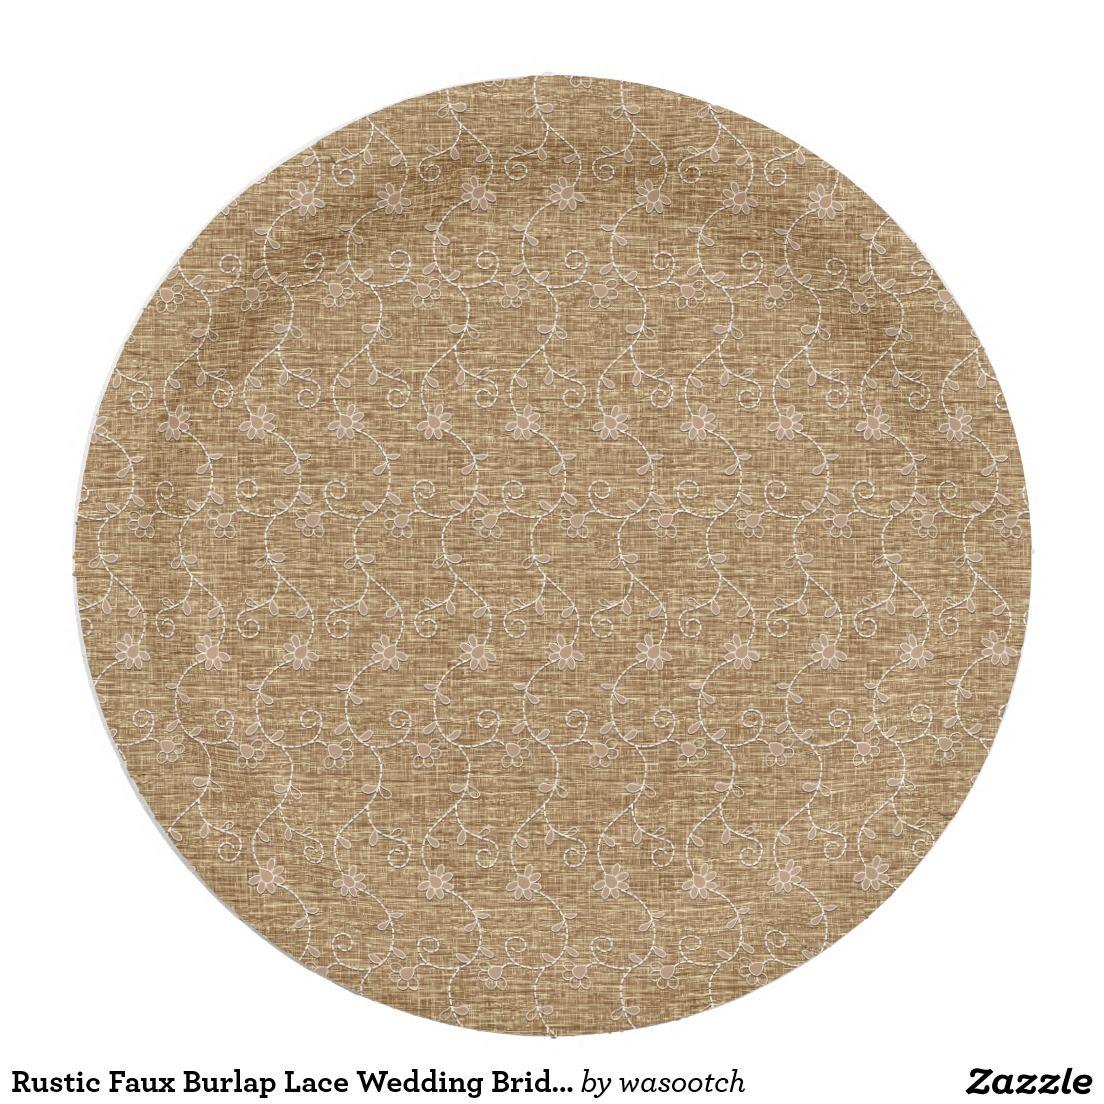 Rustic Faux Burlap Lace Wedding Bridal Shower 9 Inch Paper Plate  sc 1 st  Pinterest & Rustic Faux Burlap Lace Wedding Bridal Shower Paper Plate | Burlap ...